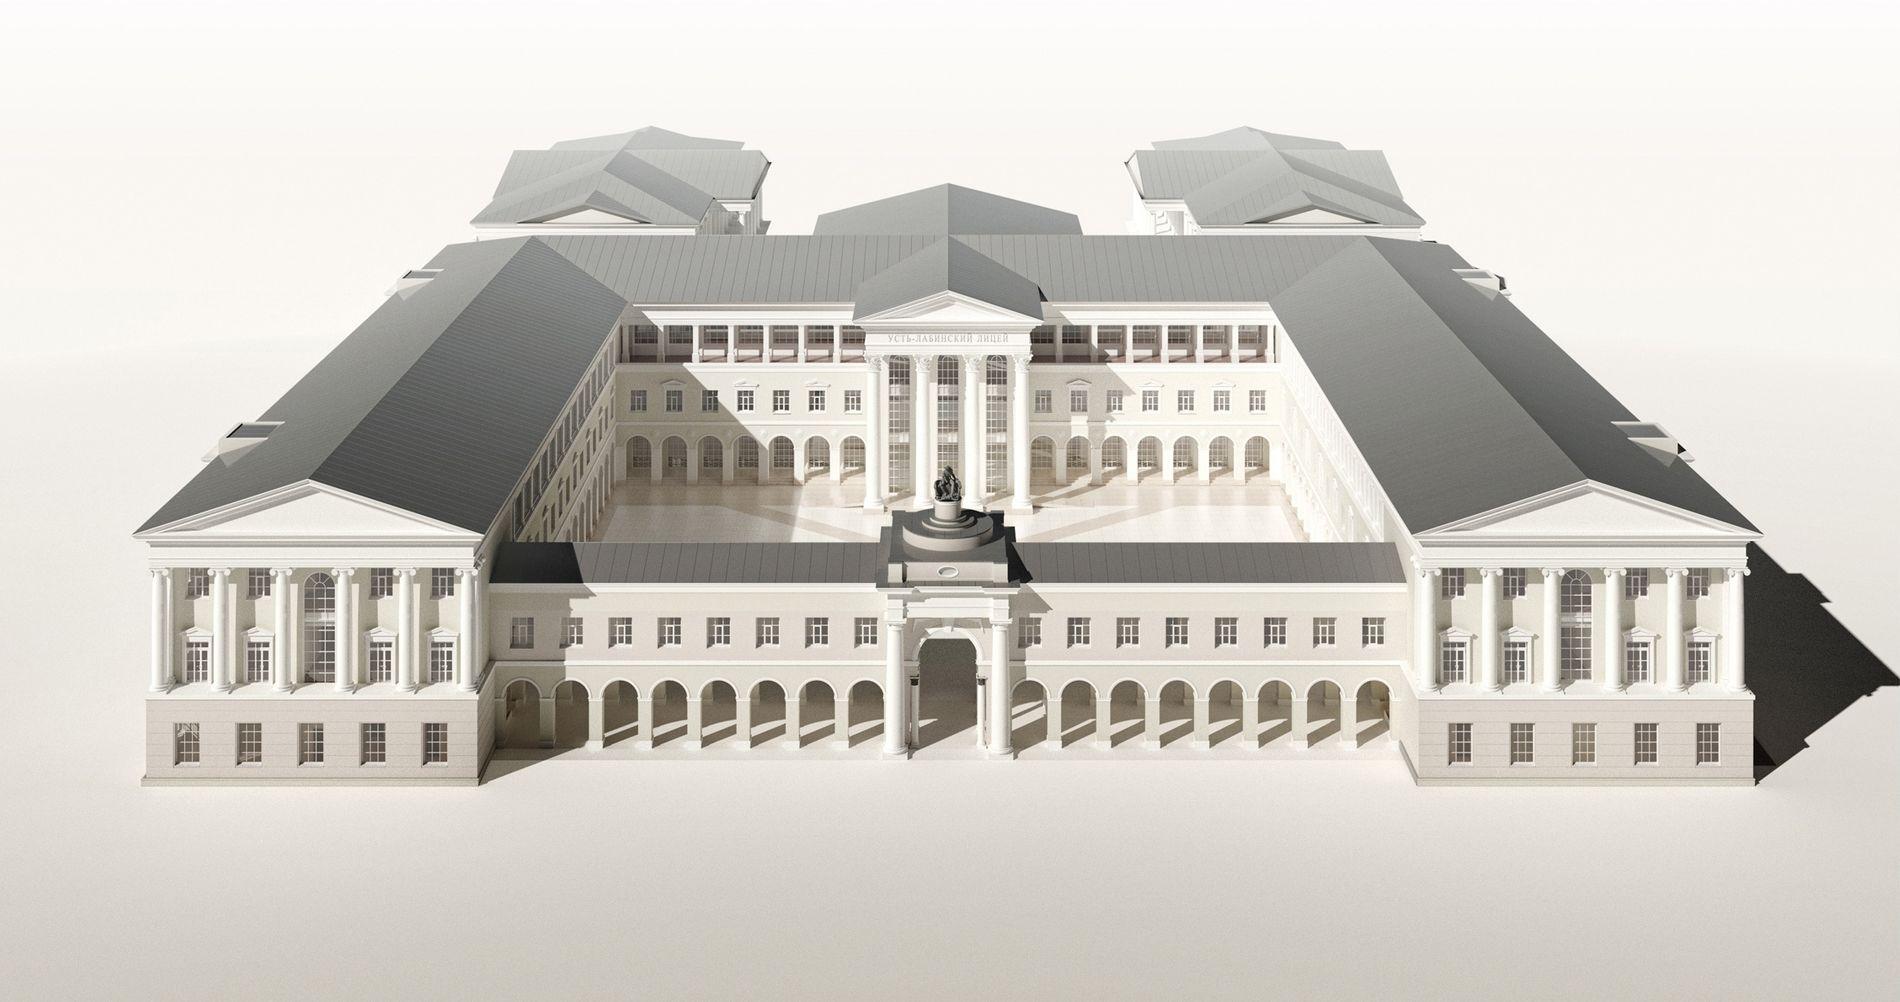 Лицейский комплекс состоит из трех зданий: учебного корпуса, кампуса и физкультурно-оздоровительного корпуса ©Фото пресс-службы фонда «Вольное дело»